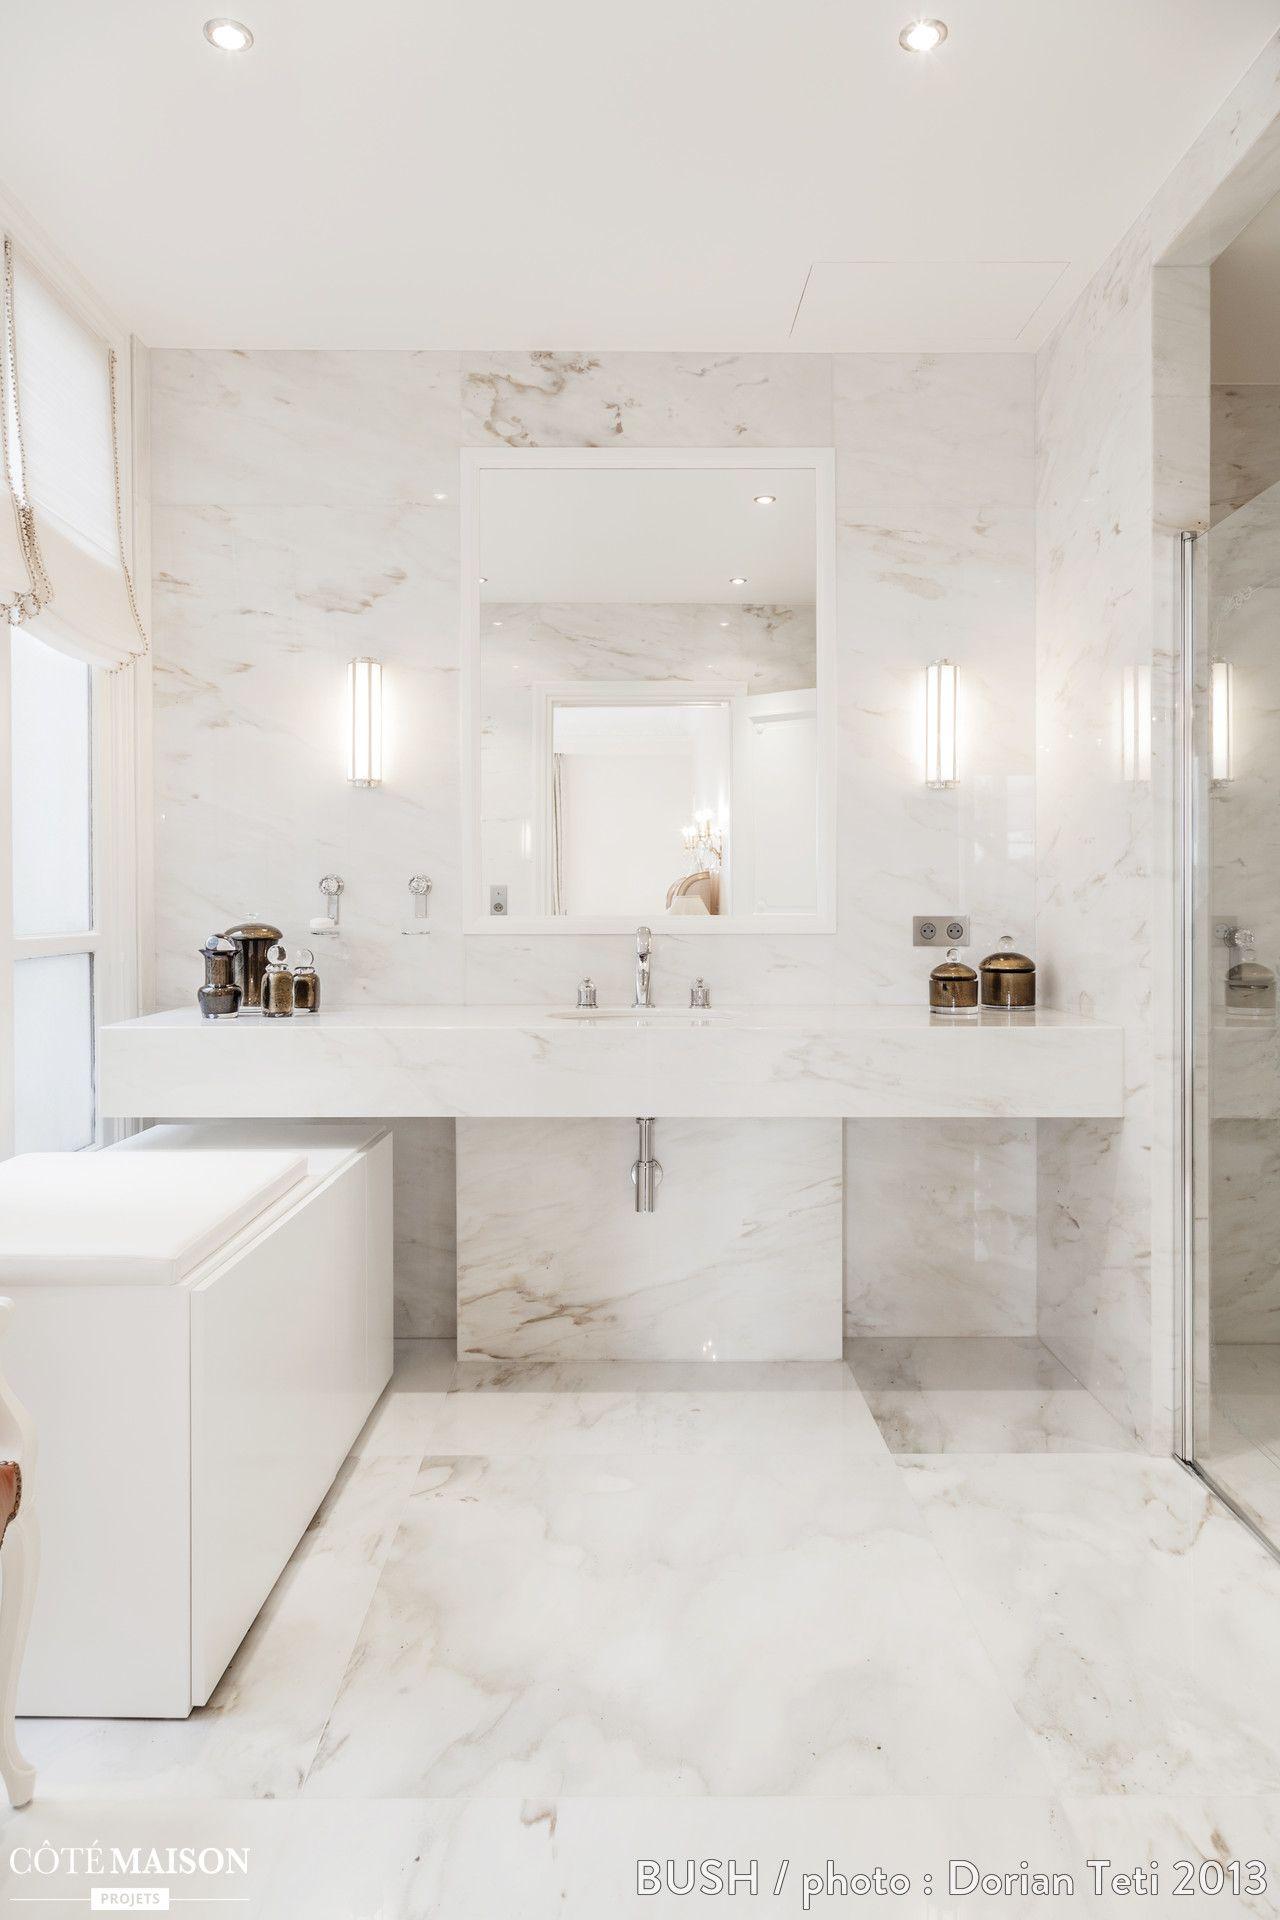 Salle de bains immaculée et habillée de marbre du sol au plafond ...